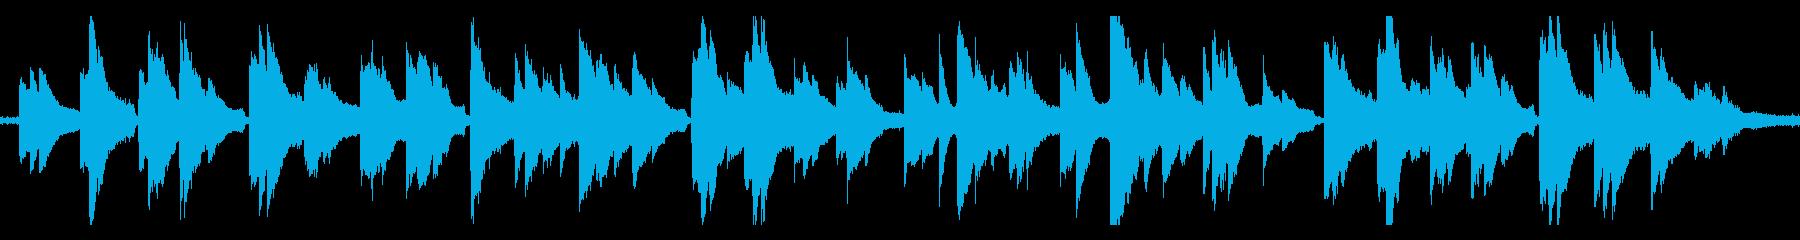 雨とピアノ の再生済みの波形